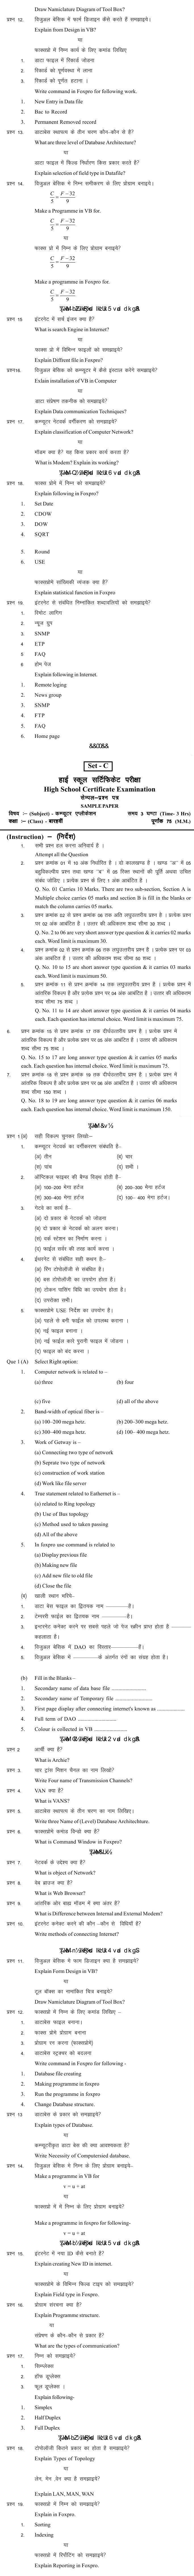 Chattisgarh Board Class 12 Computer ApplicationSample Paper